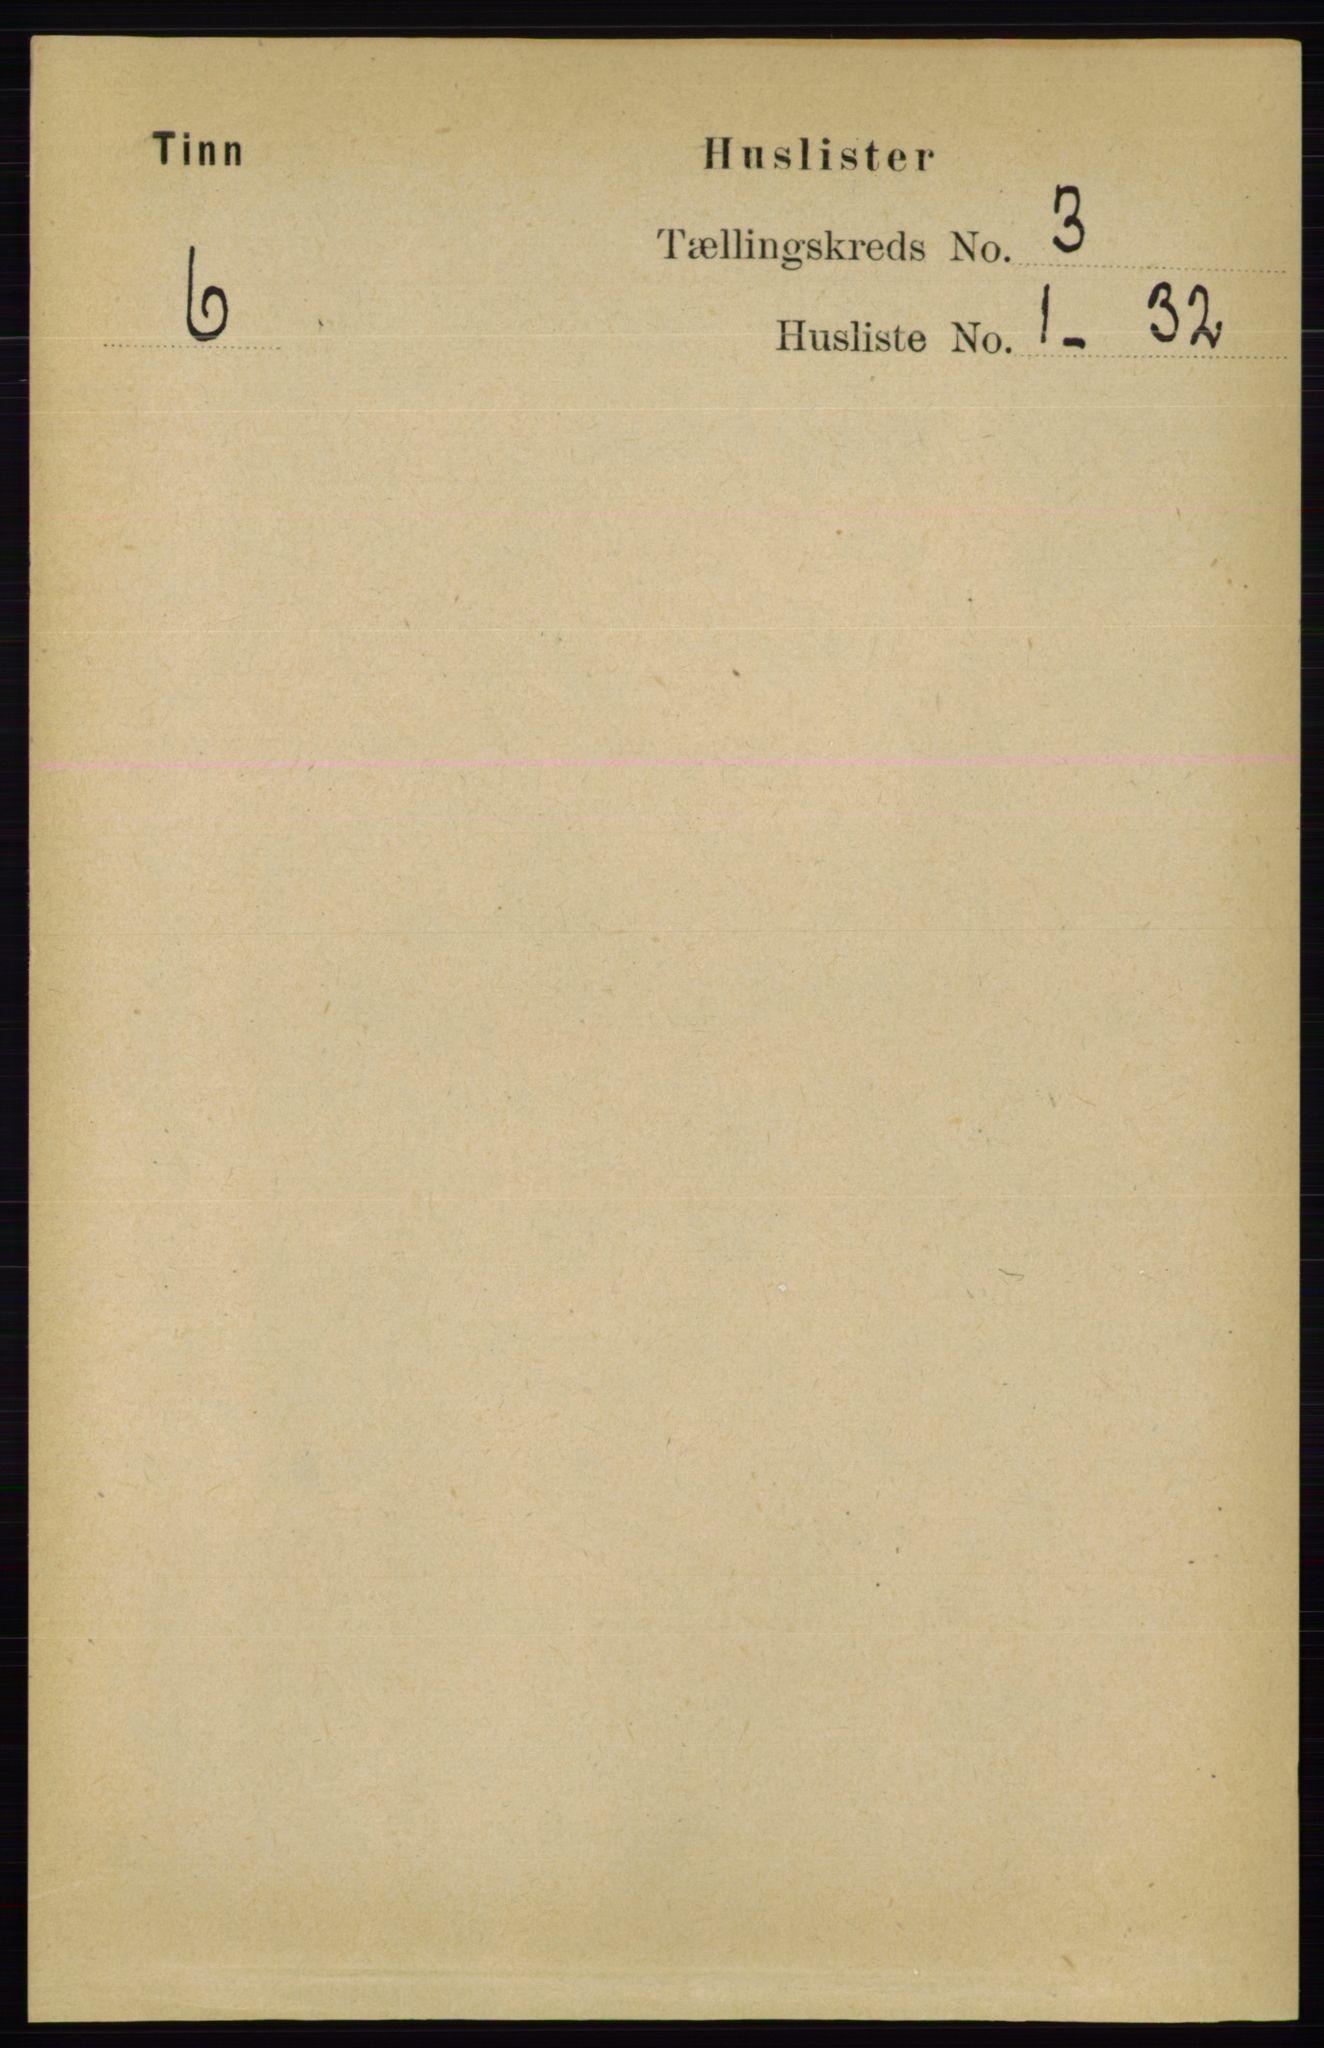 RA, Folketelling 1891 for 0826 Tinn herred, 1891, s. 469